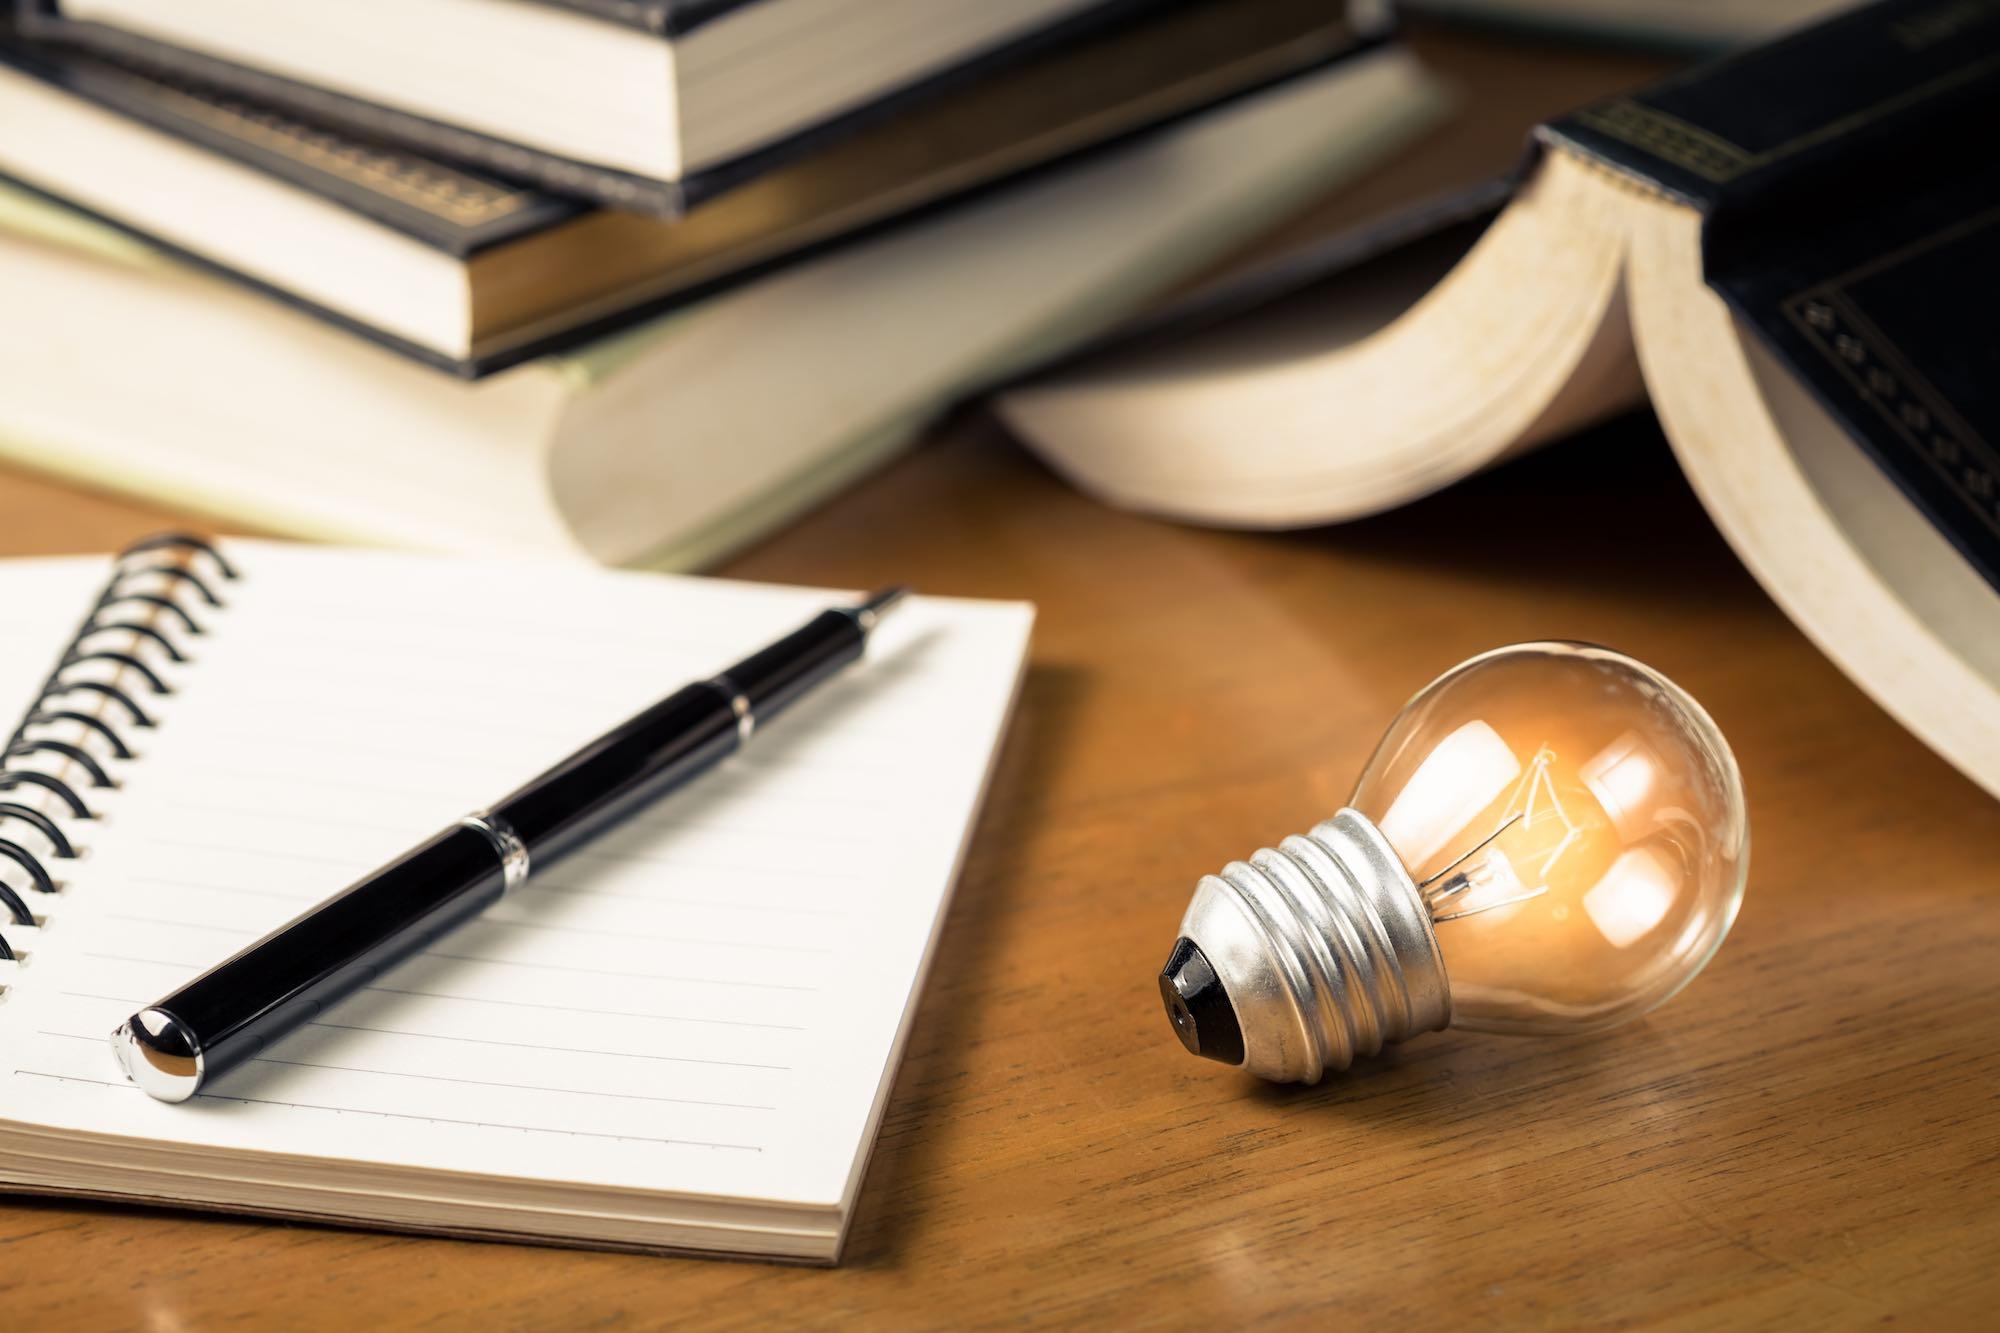 Lampadina su tavolo con quaderno e penna